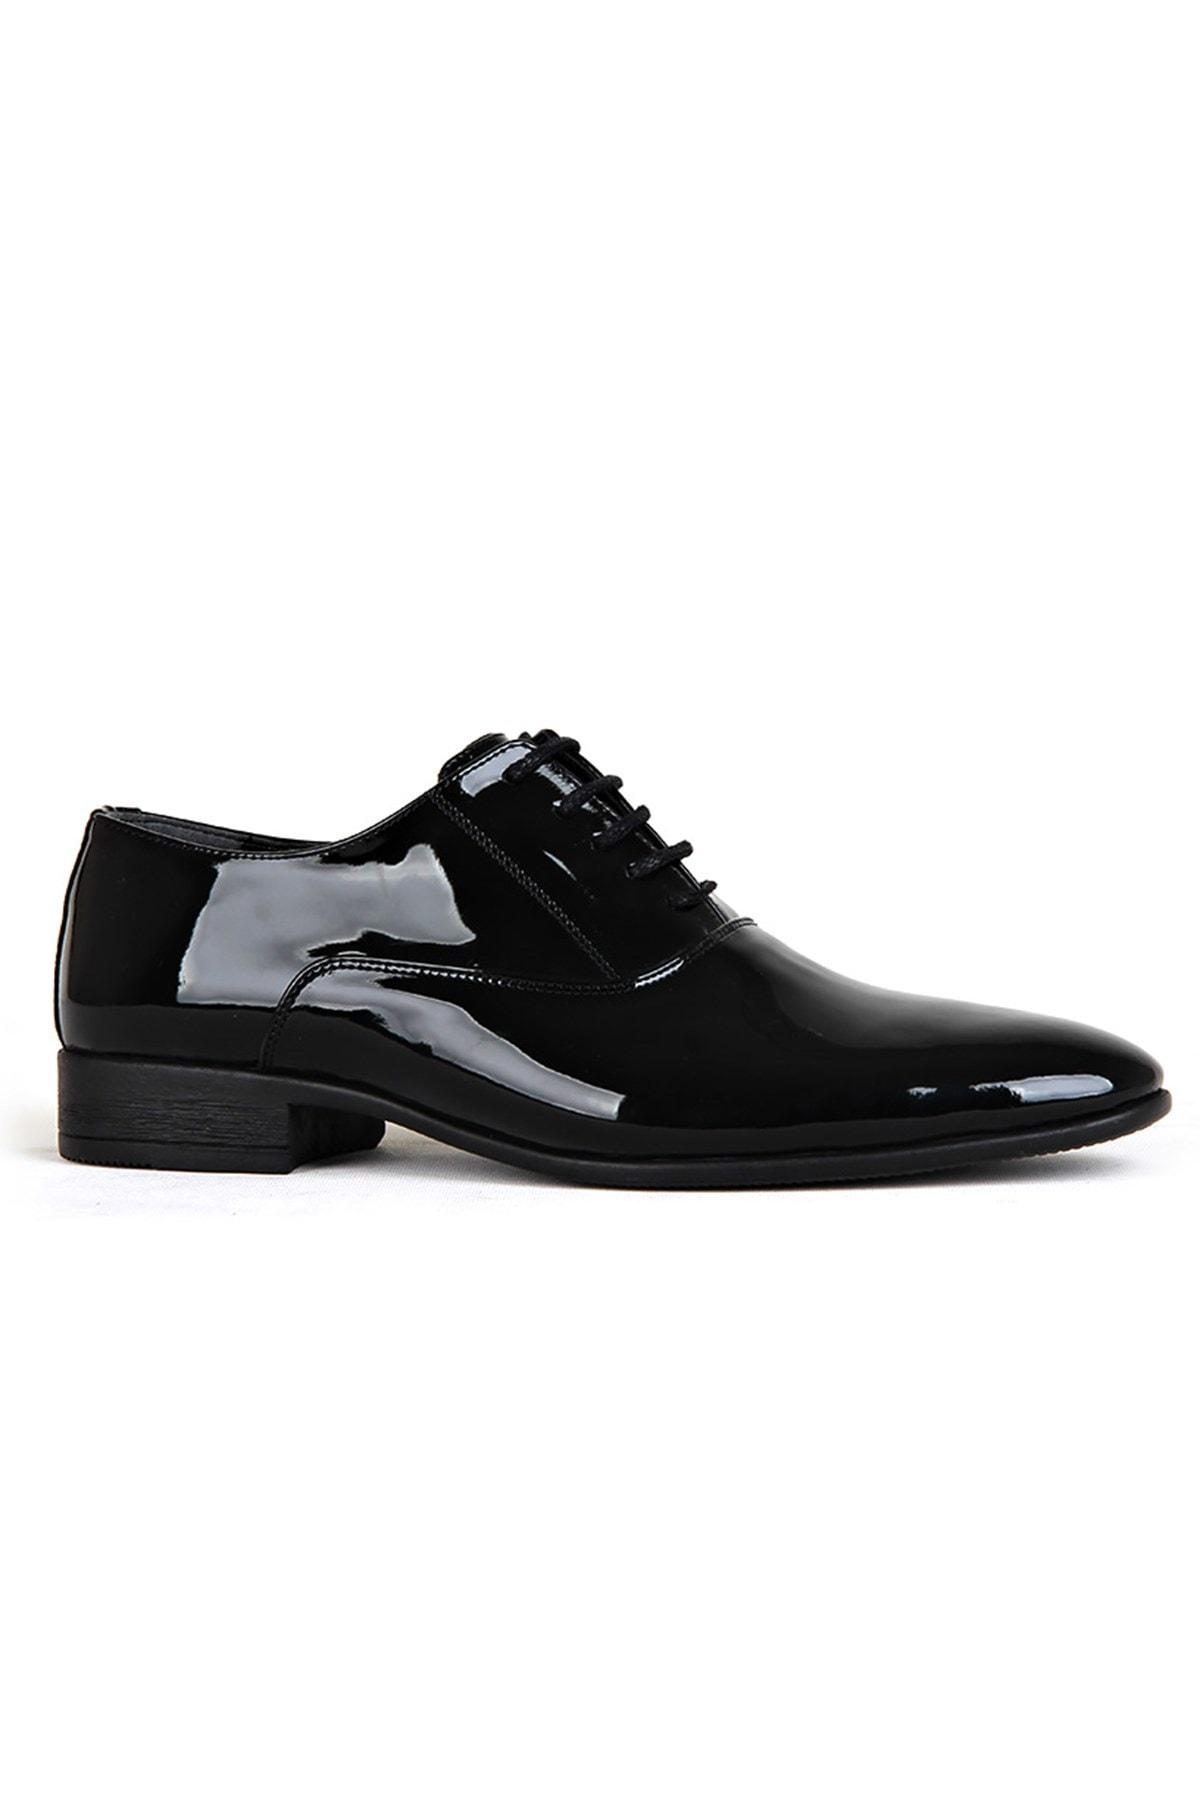 Siyah Erkek Klasik Ayakkabı PRA-683944-838313